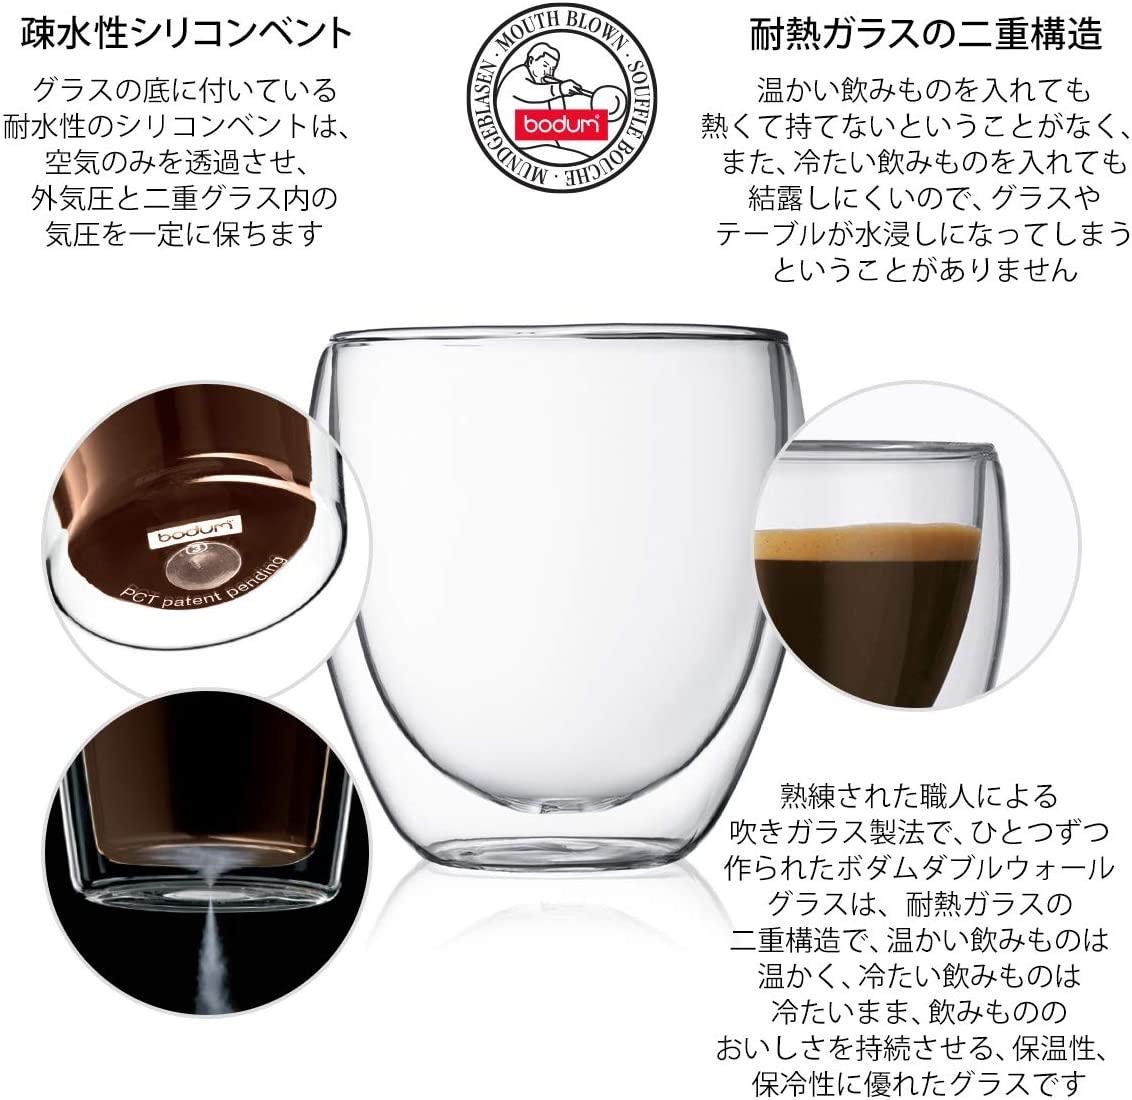 BODUM(ボダム) ダブルウォールグラスの商品画像3